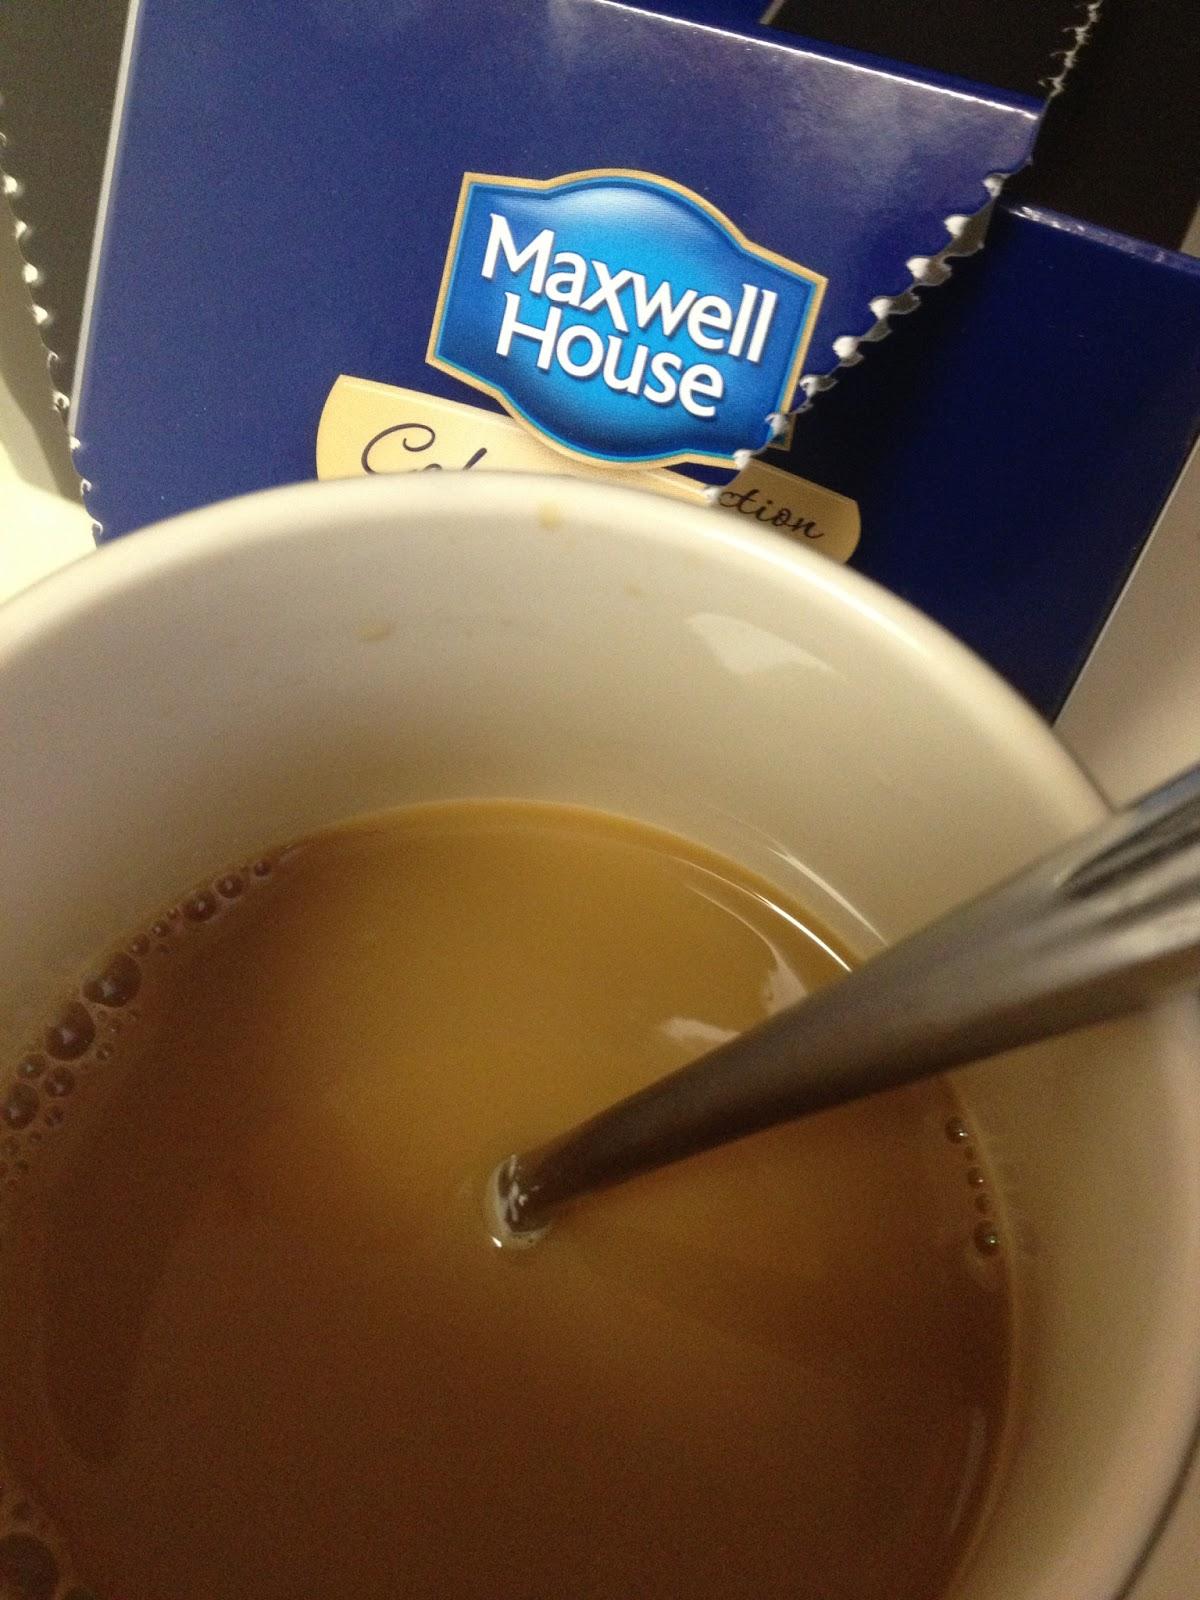 #MaxwellHouseRules